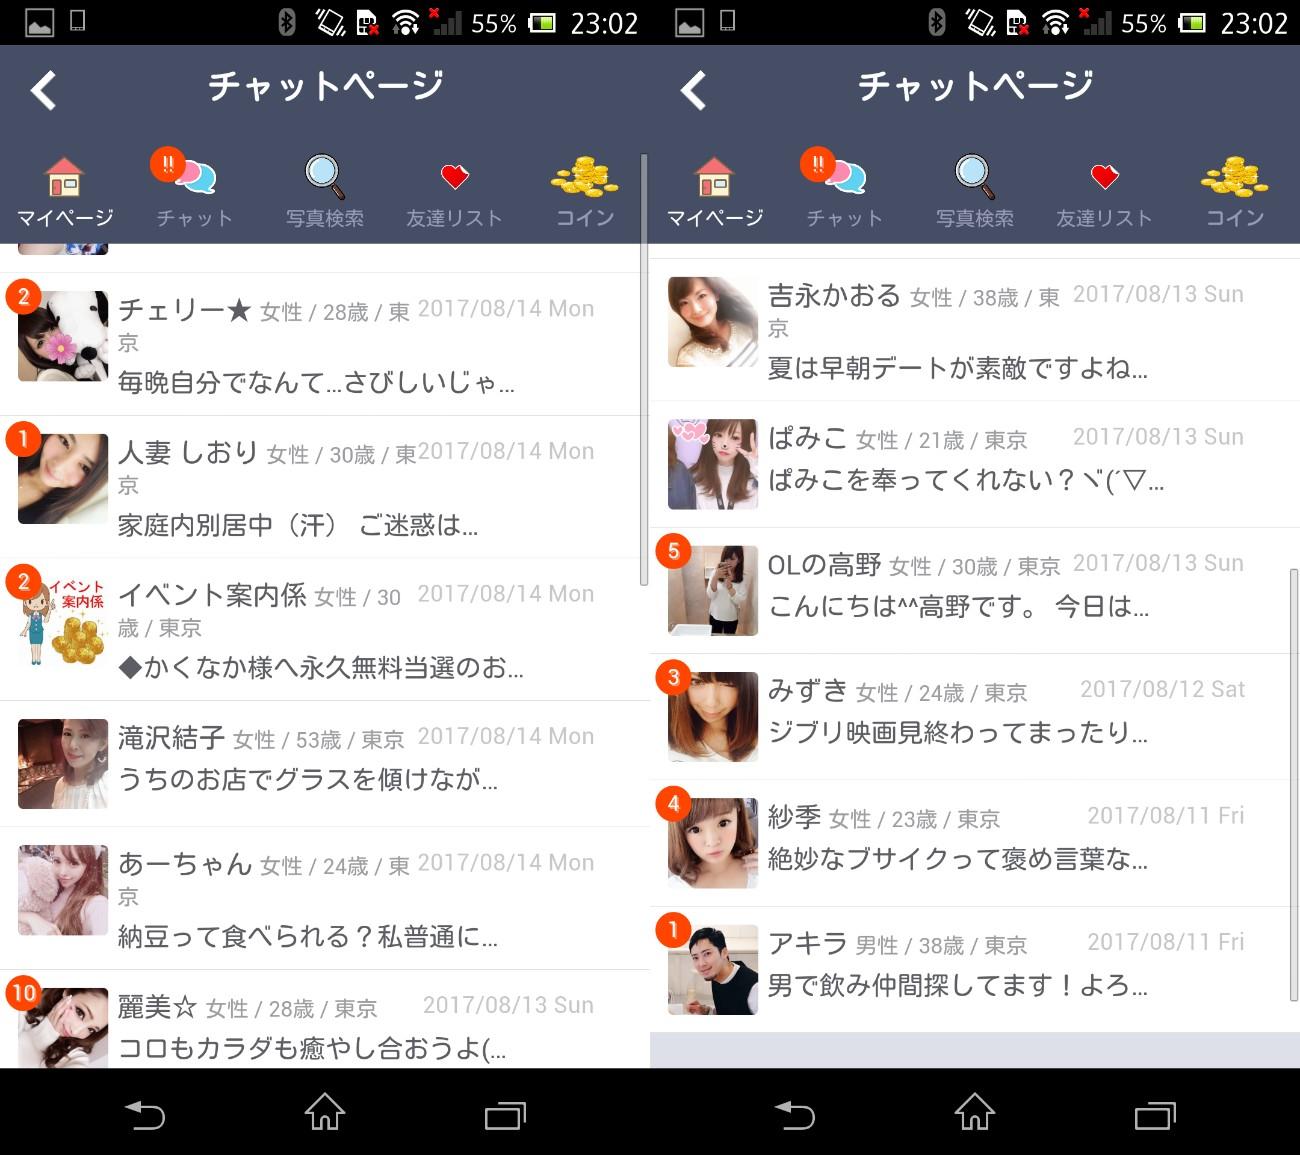 出会いにチャット&掲示板アプリ「友恋」無料登録の出会系アプリサクラ